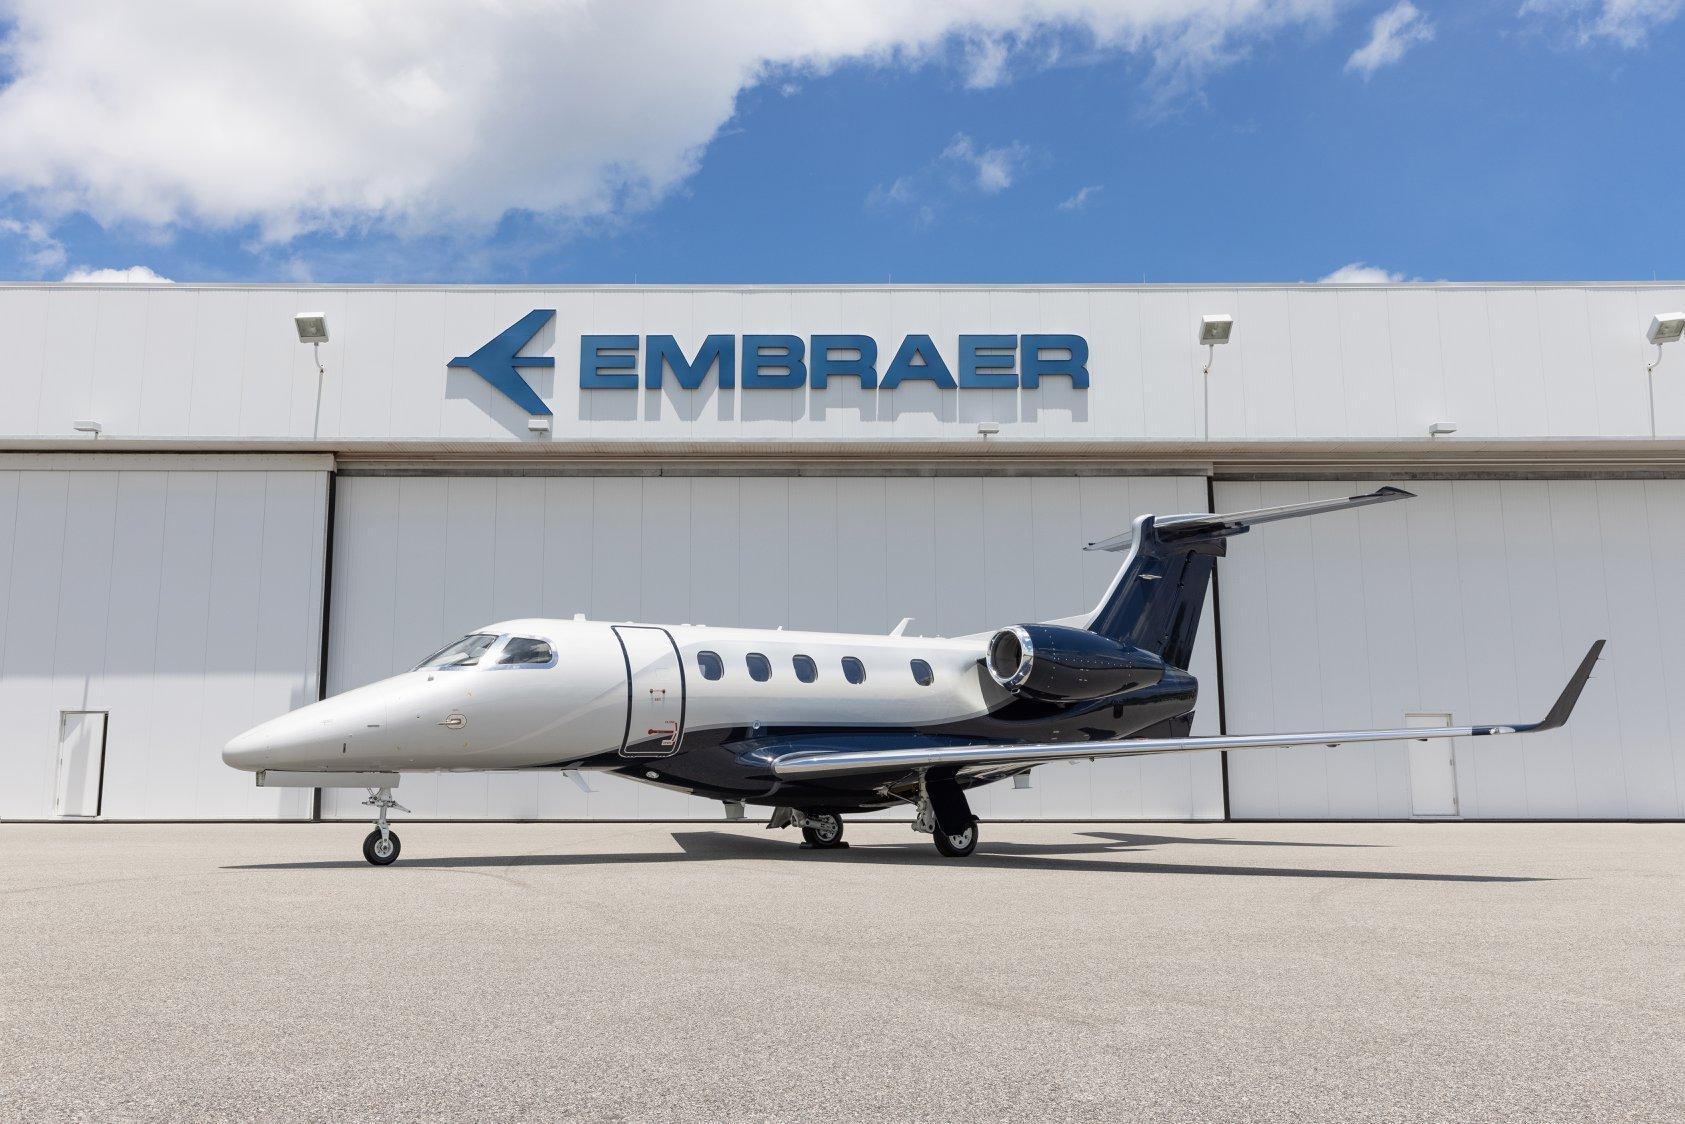 Embraer (EMBR3) estima que China irá precisar de 1,5 mil aeronaves regionais em 20 anos embraer Embraer (EMBR3) estima que China irá precisar de 1,5 mil aeronaves regionais em 20 anos embraer embr3 jato 150 lugares